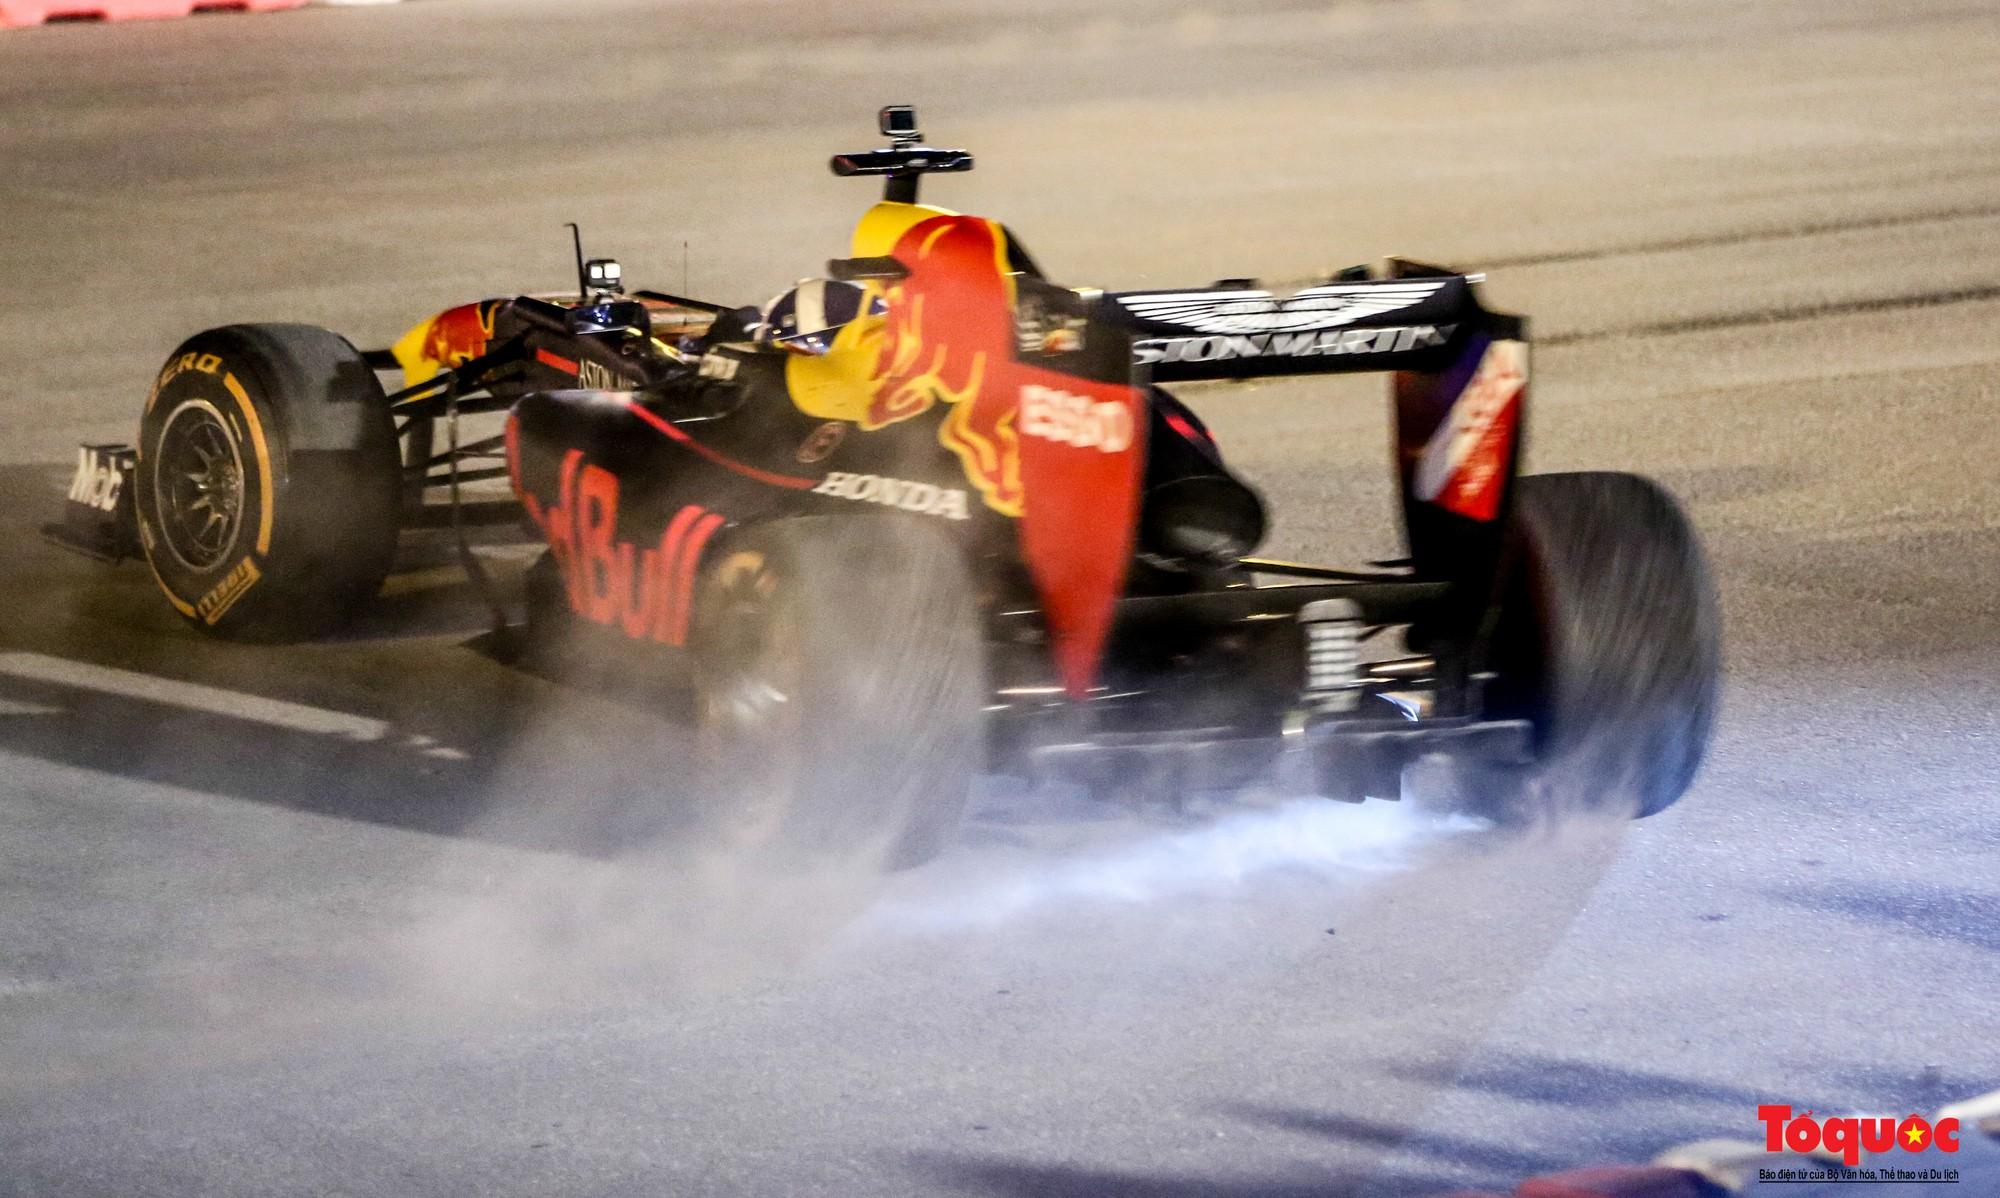 Mãn nhãn với mãnh thú F1 gầm rú và đốt lốp trên đường Hà Nội - Ảnh 23.